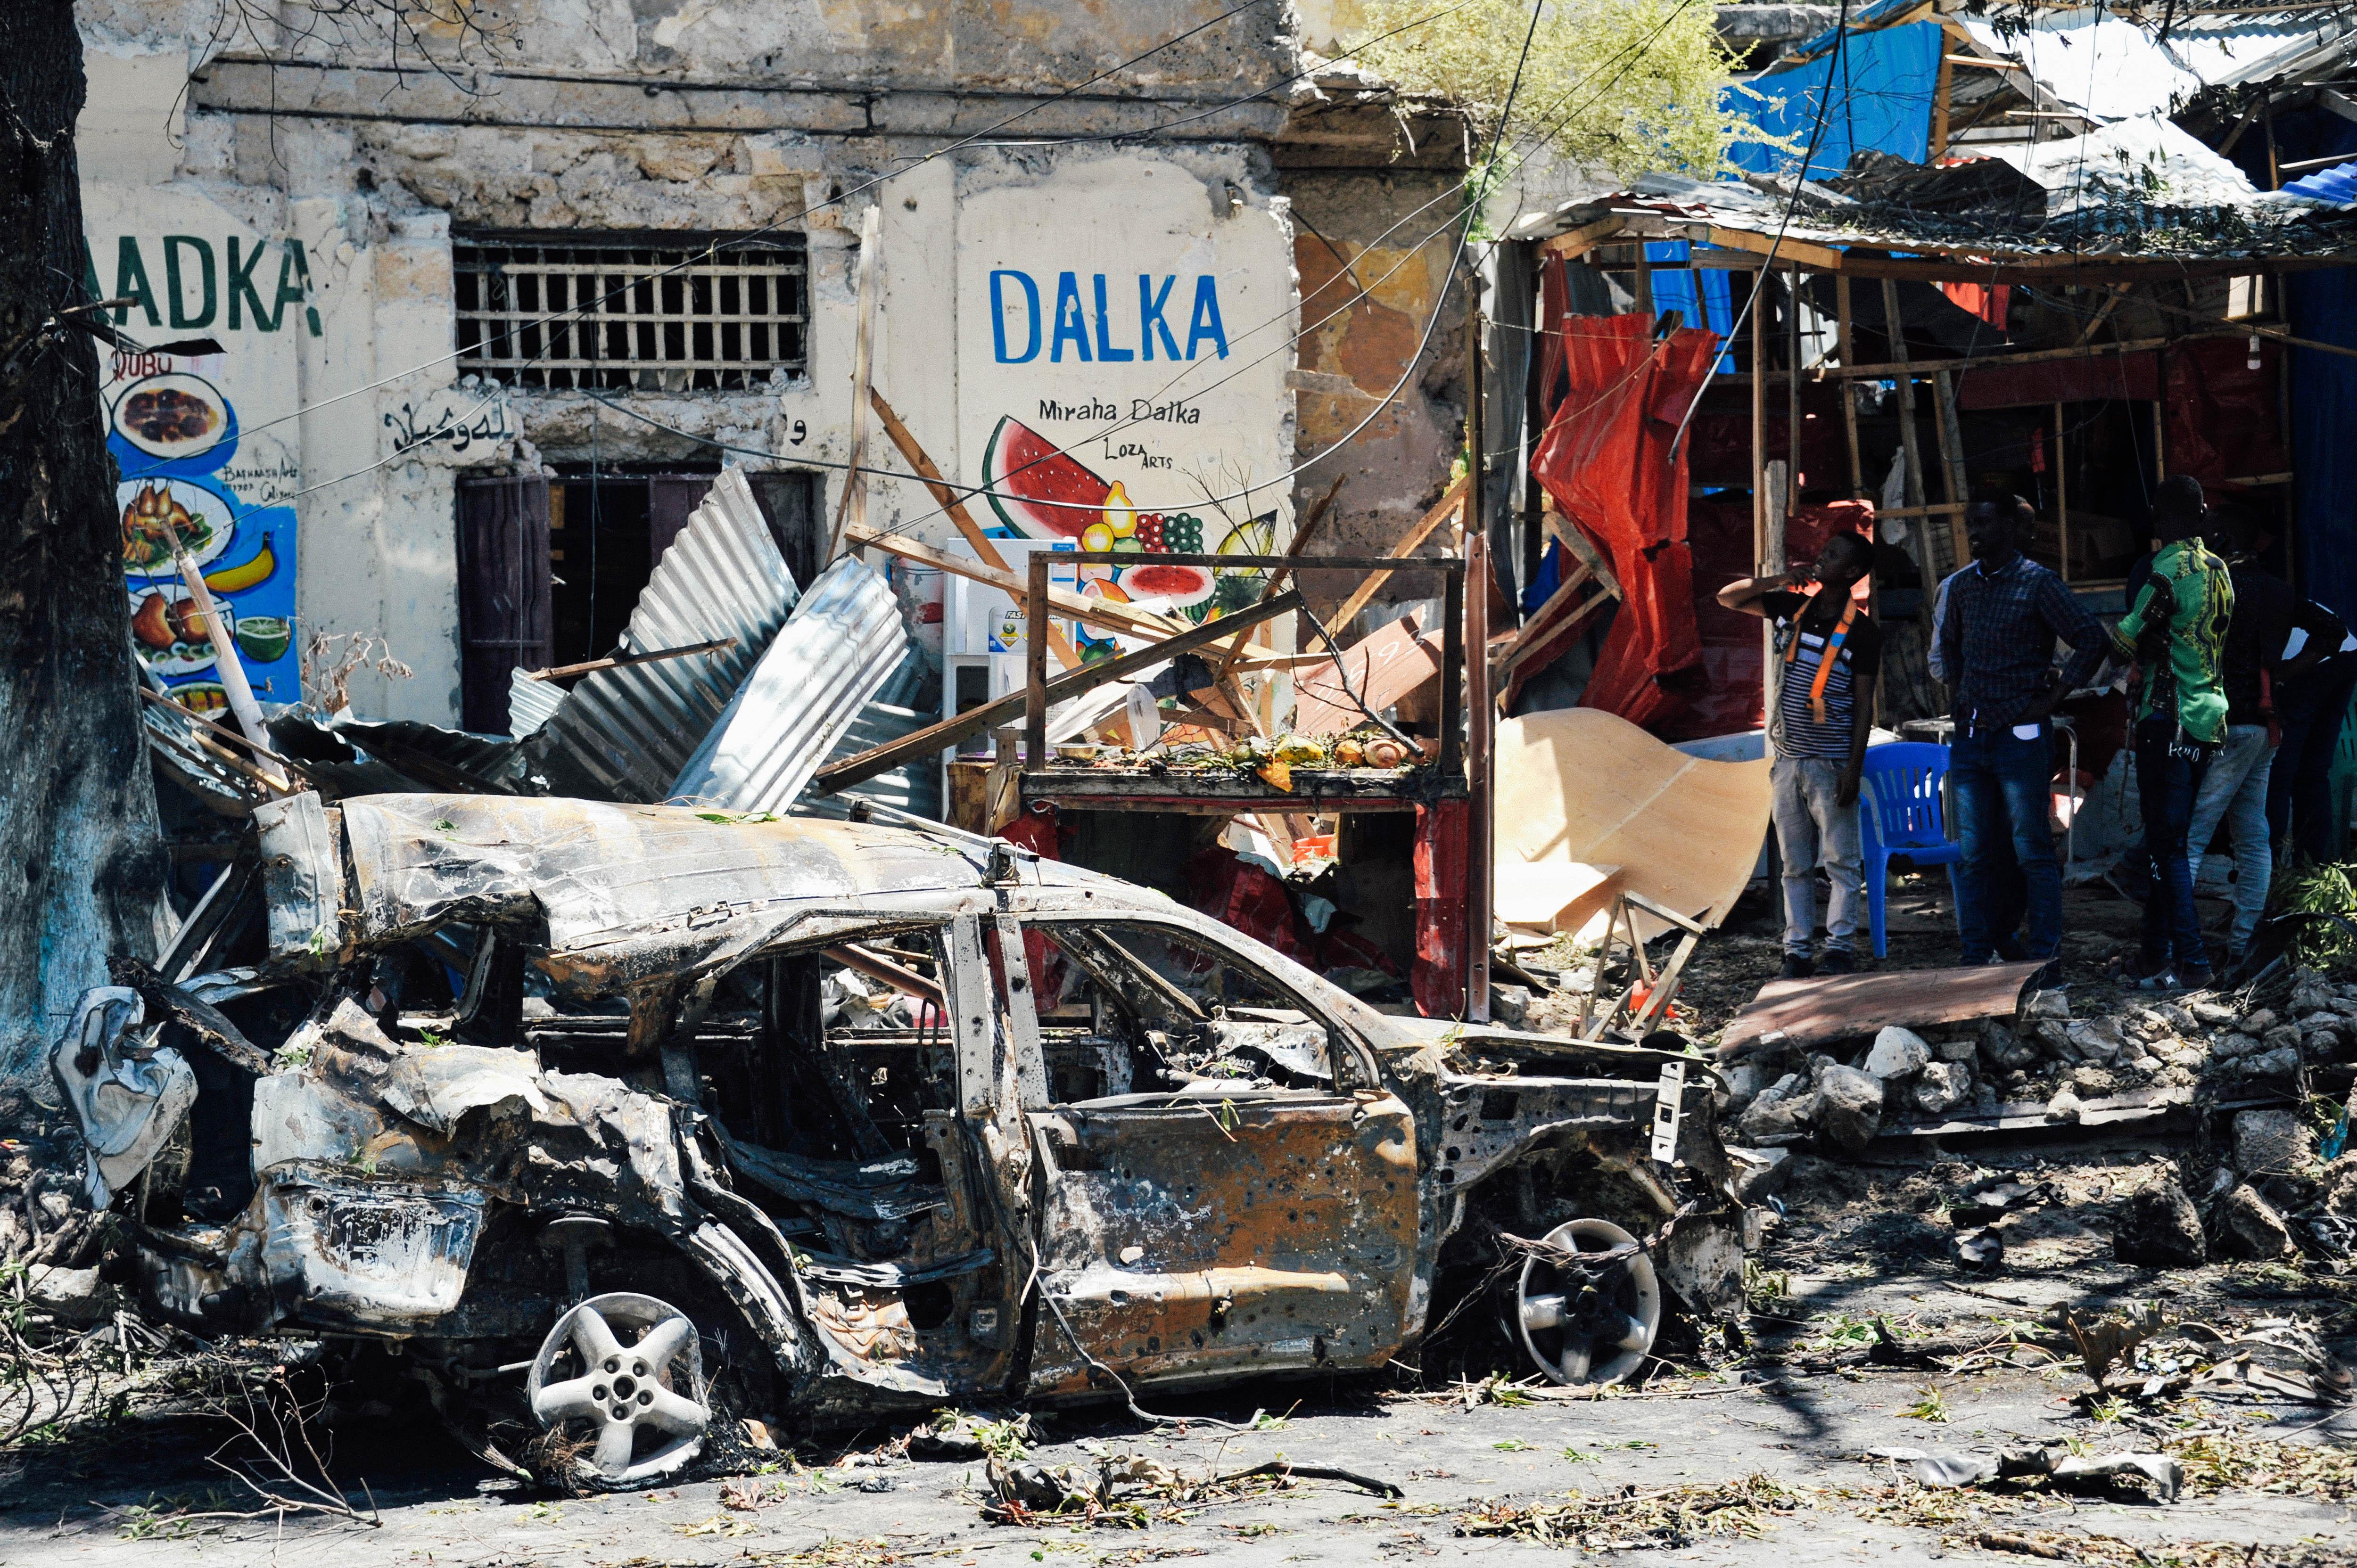 The scene of a car bomb attack in Mogadishu, Somalia.